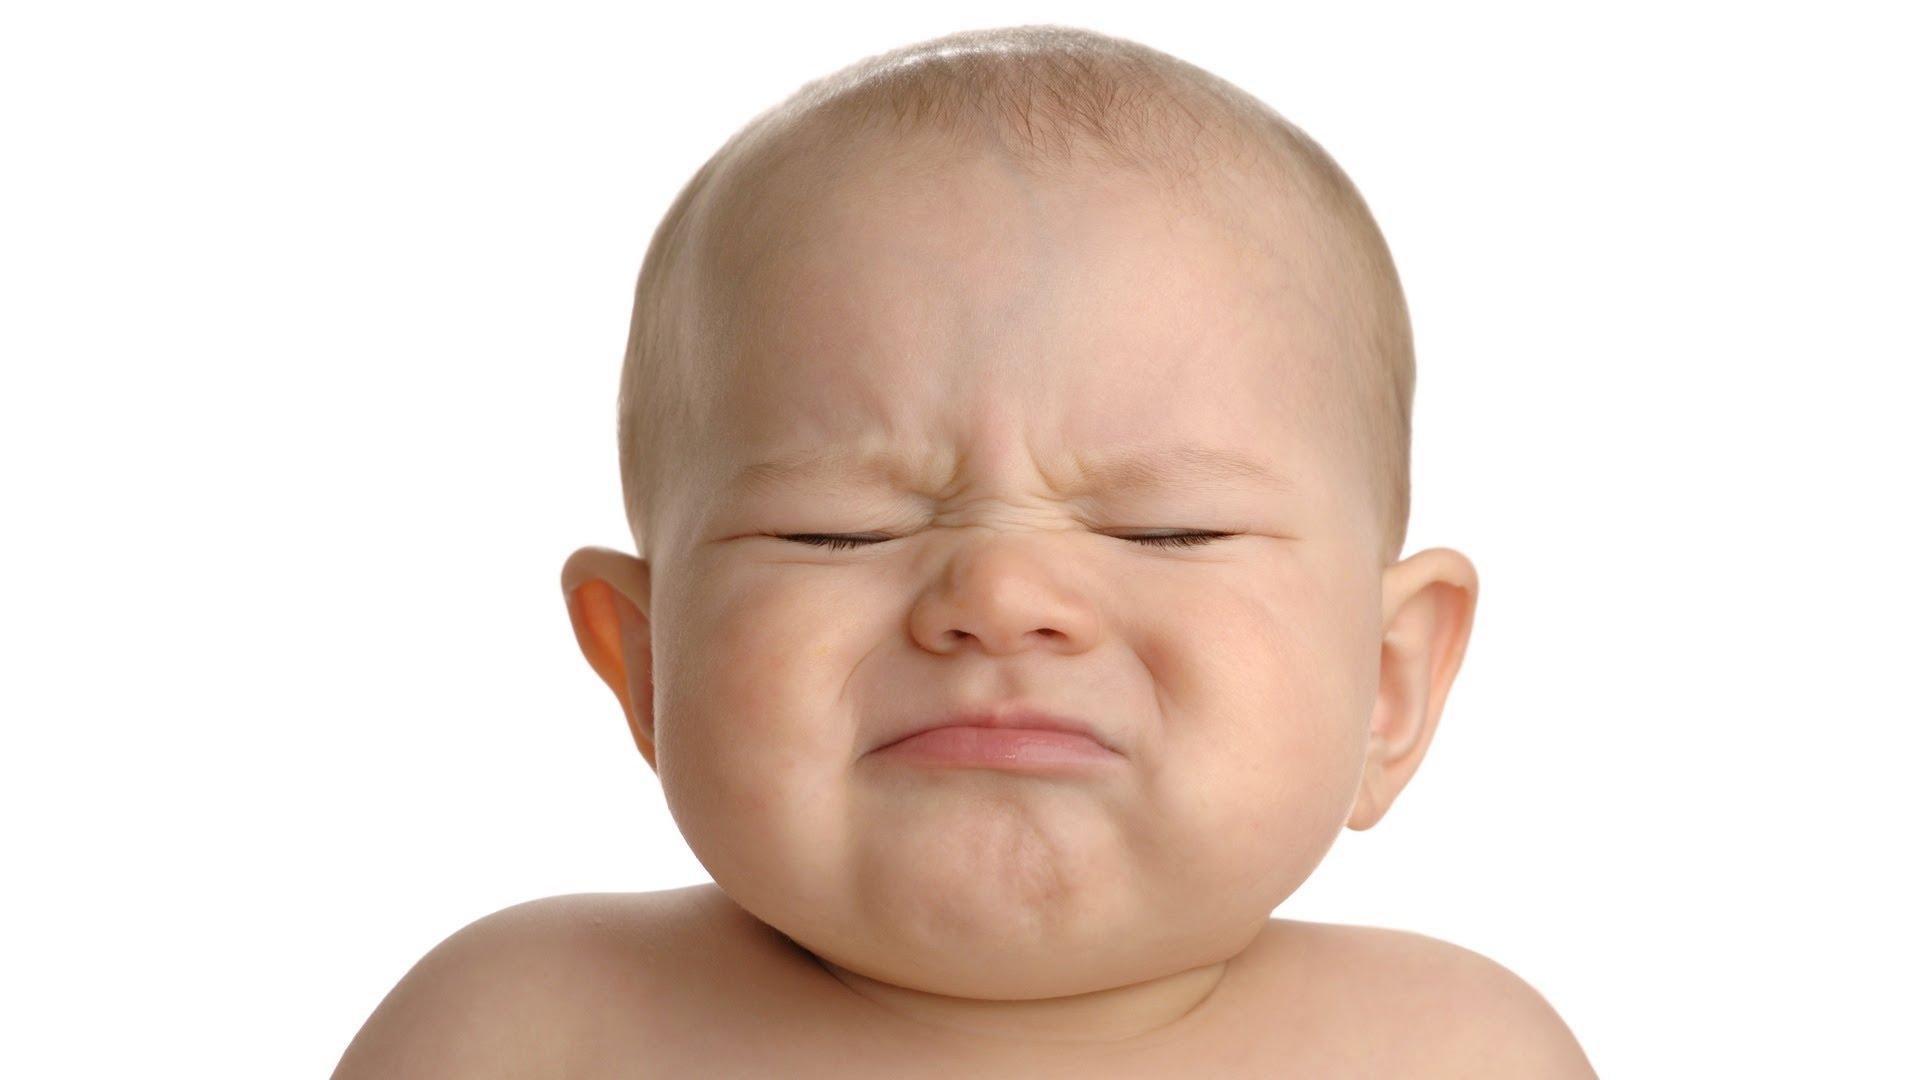 недовольный малыш